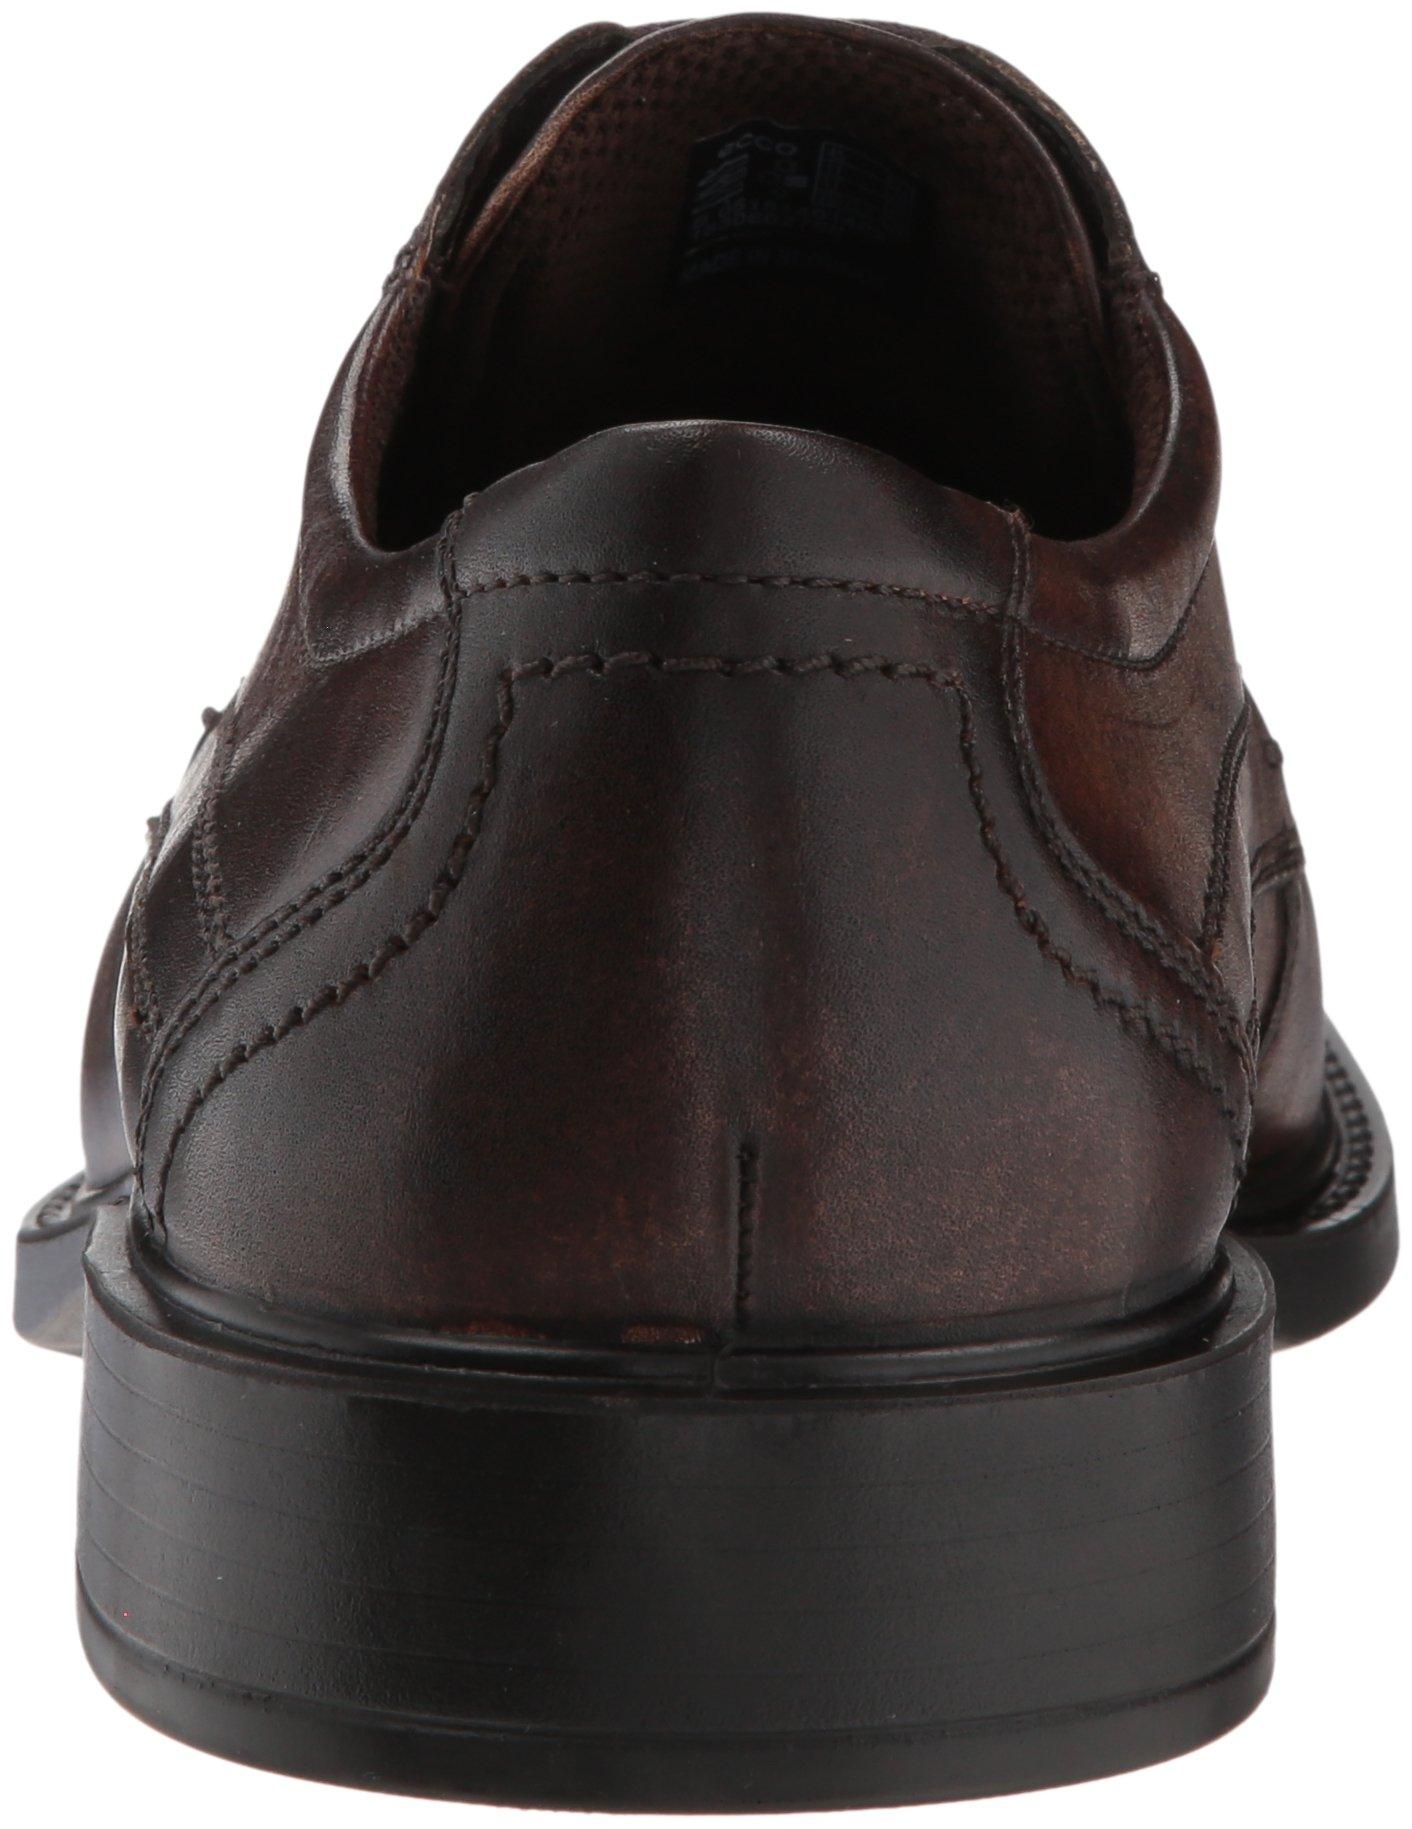 ECCO New Jersey Lace Oxford Cocoa Brown 41 EU (US Men's 7-7.5 M) by ECCO (Image #2)